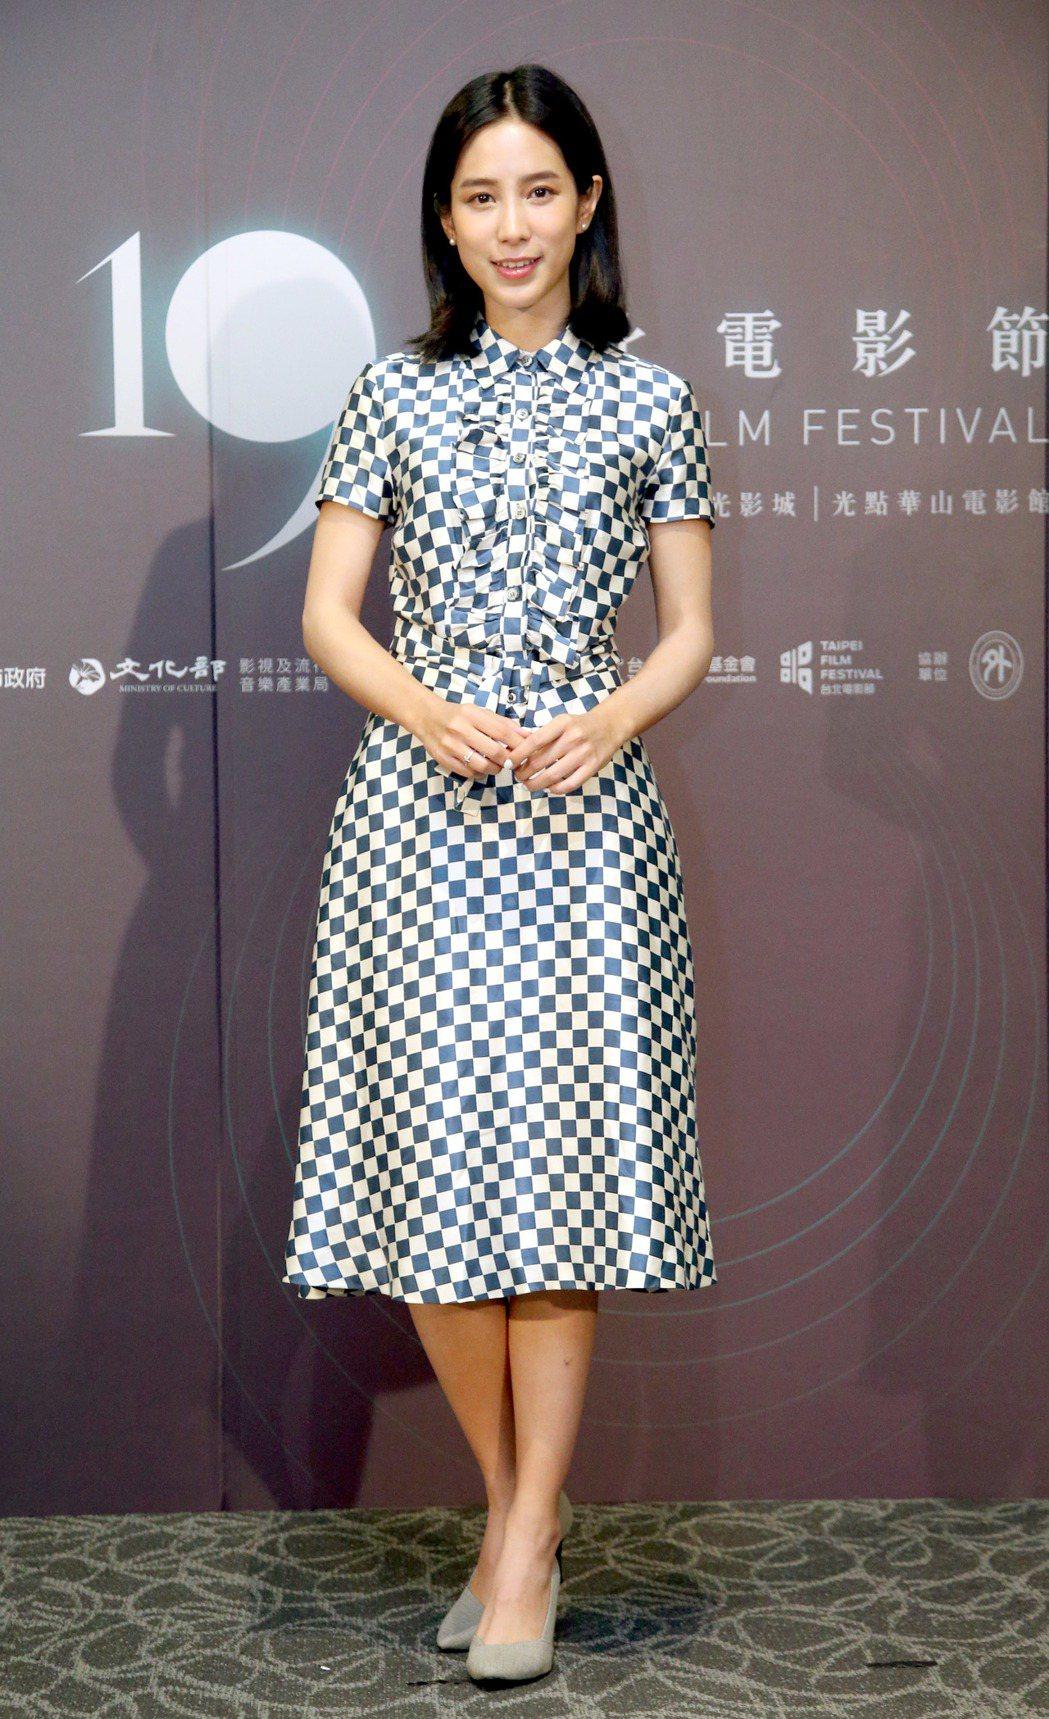 台北電影節電影大使溫貞菱。記者屠惠剛/攝影